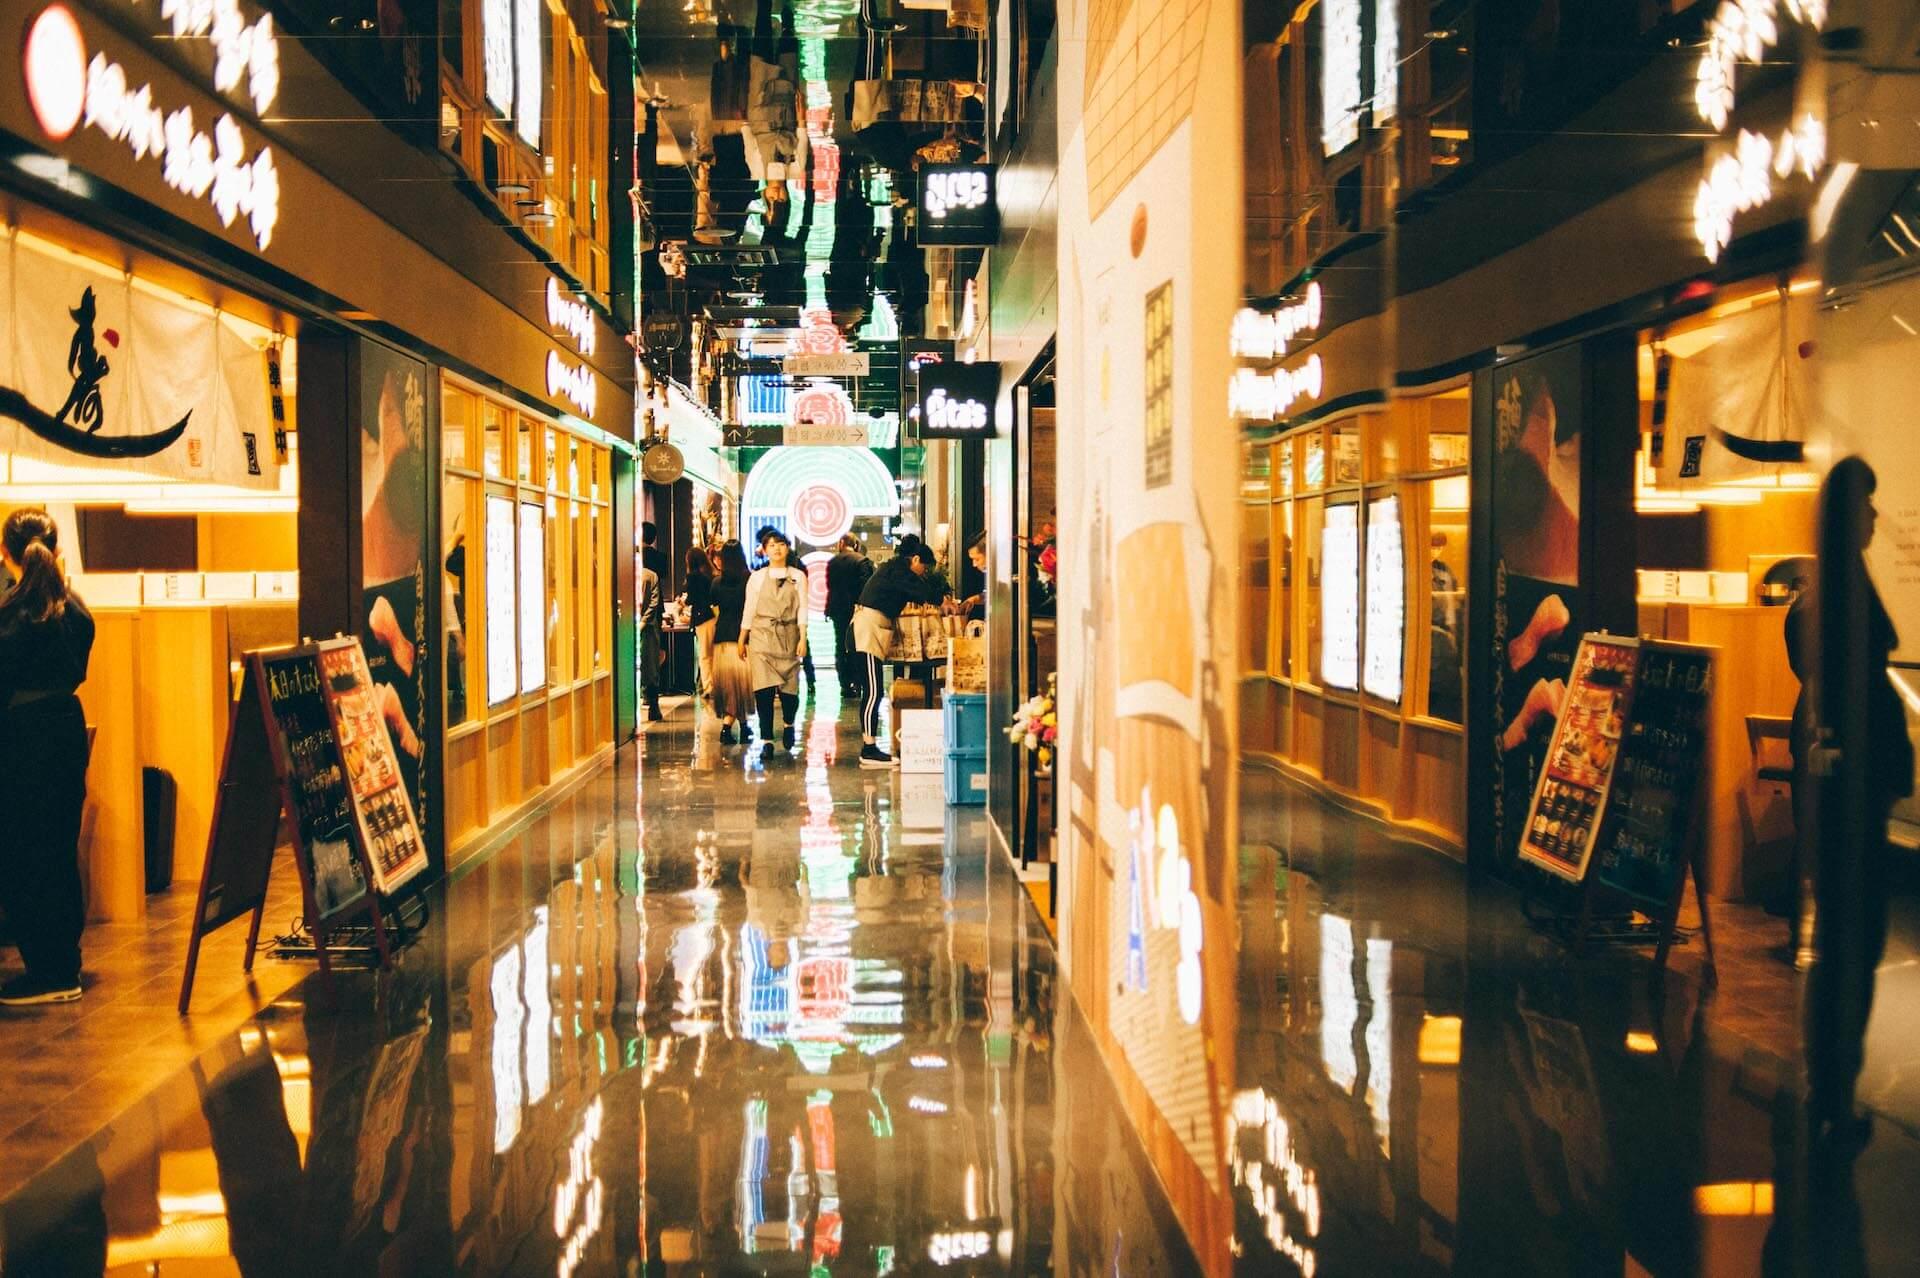 新生渋谷PARCOのカオスなフードエリア「CHAOS KITCHEN」注目の3店舗をピックアップ lfefashion-20191122-parco-7151